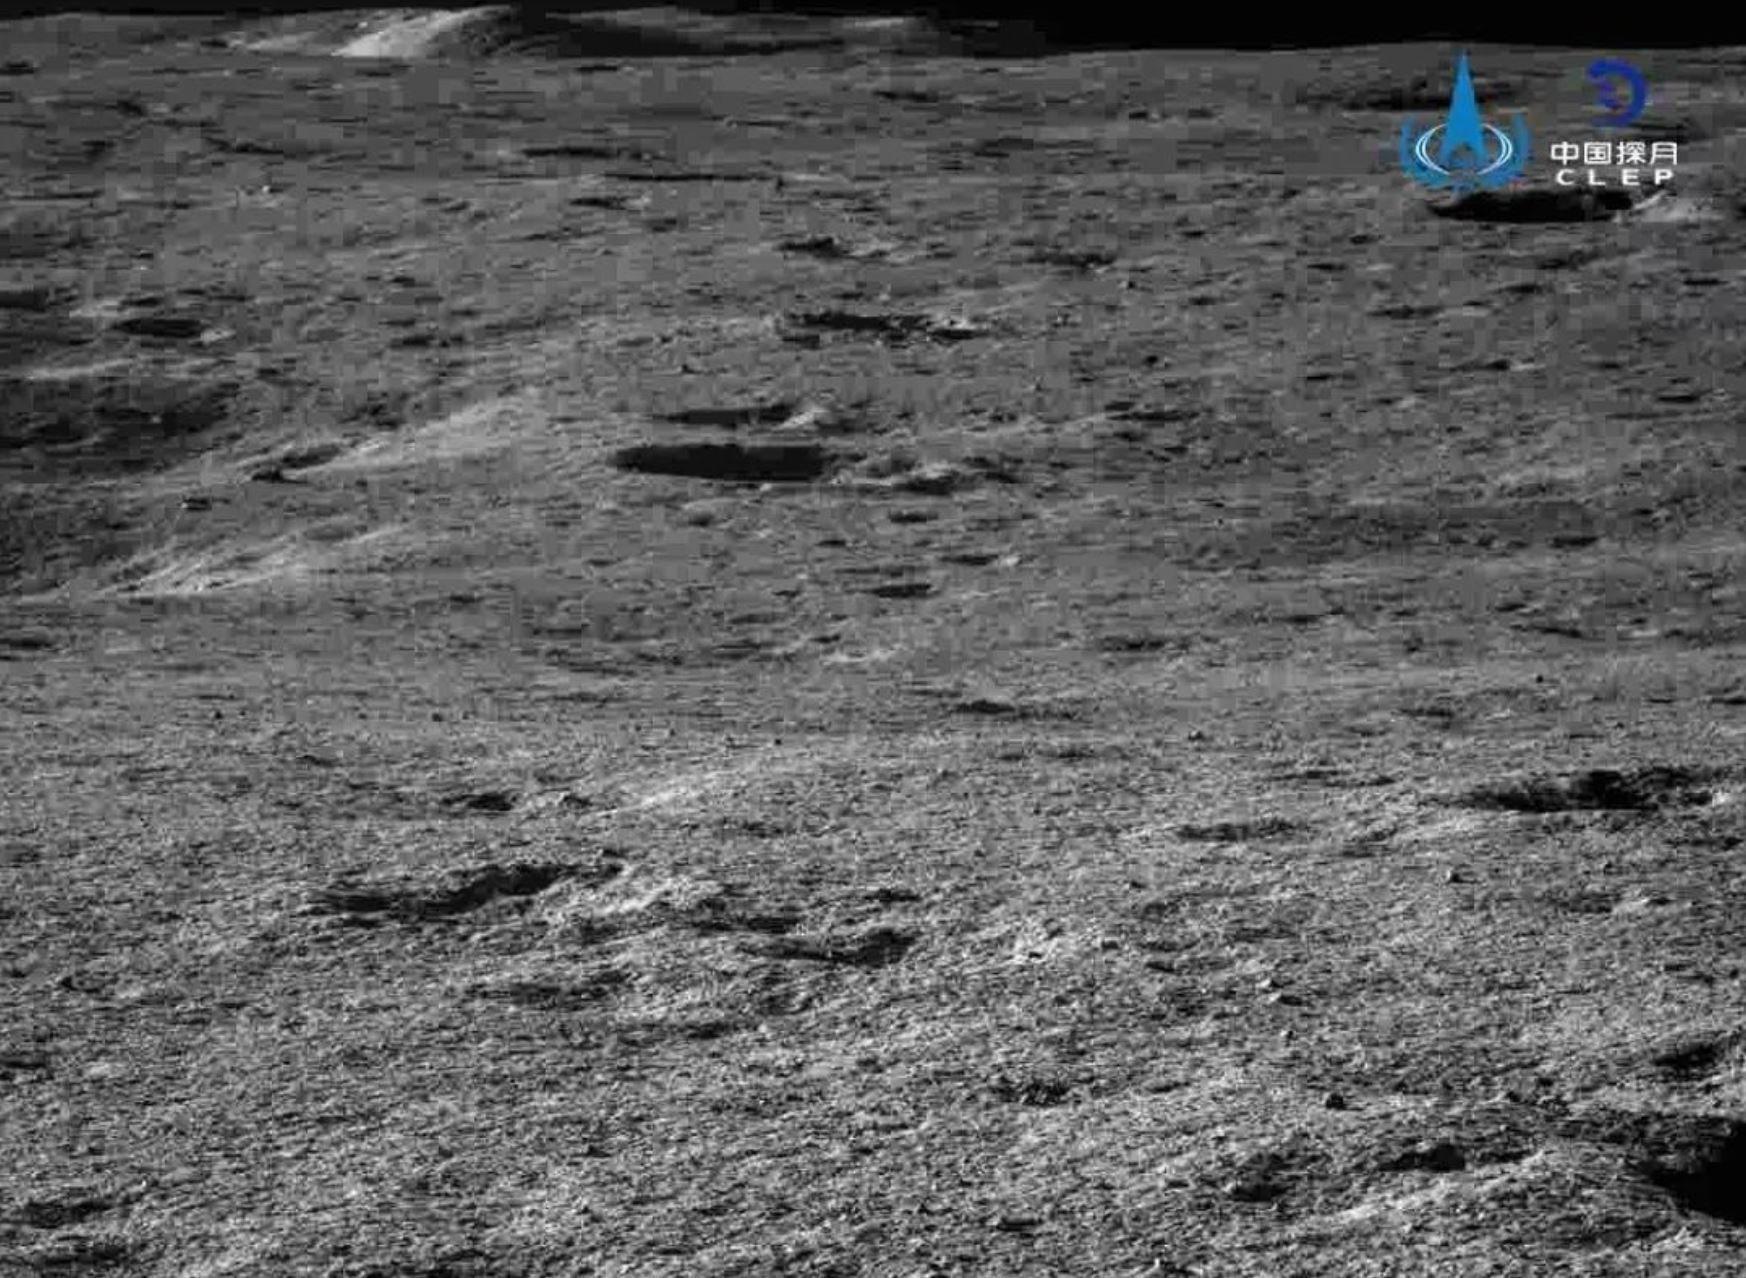 CNASA revela nuevas fotografías del 'lado oscuro' de la Luna